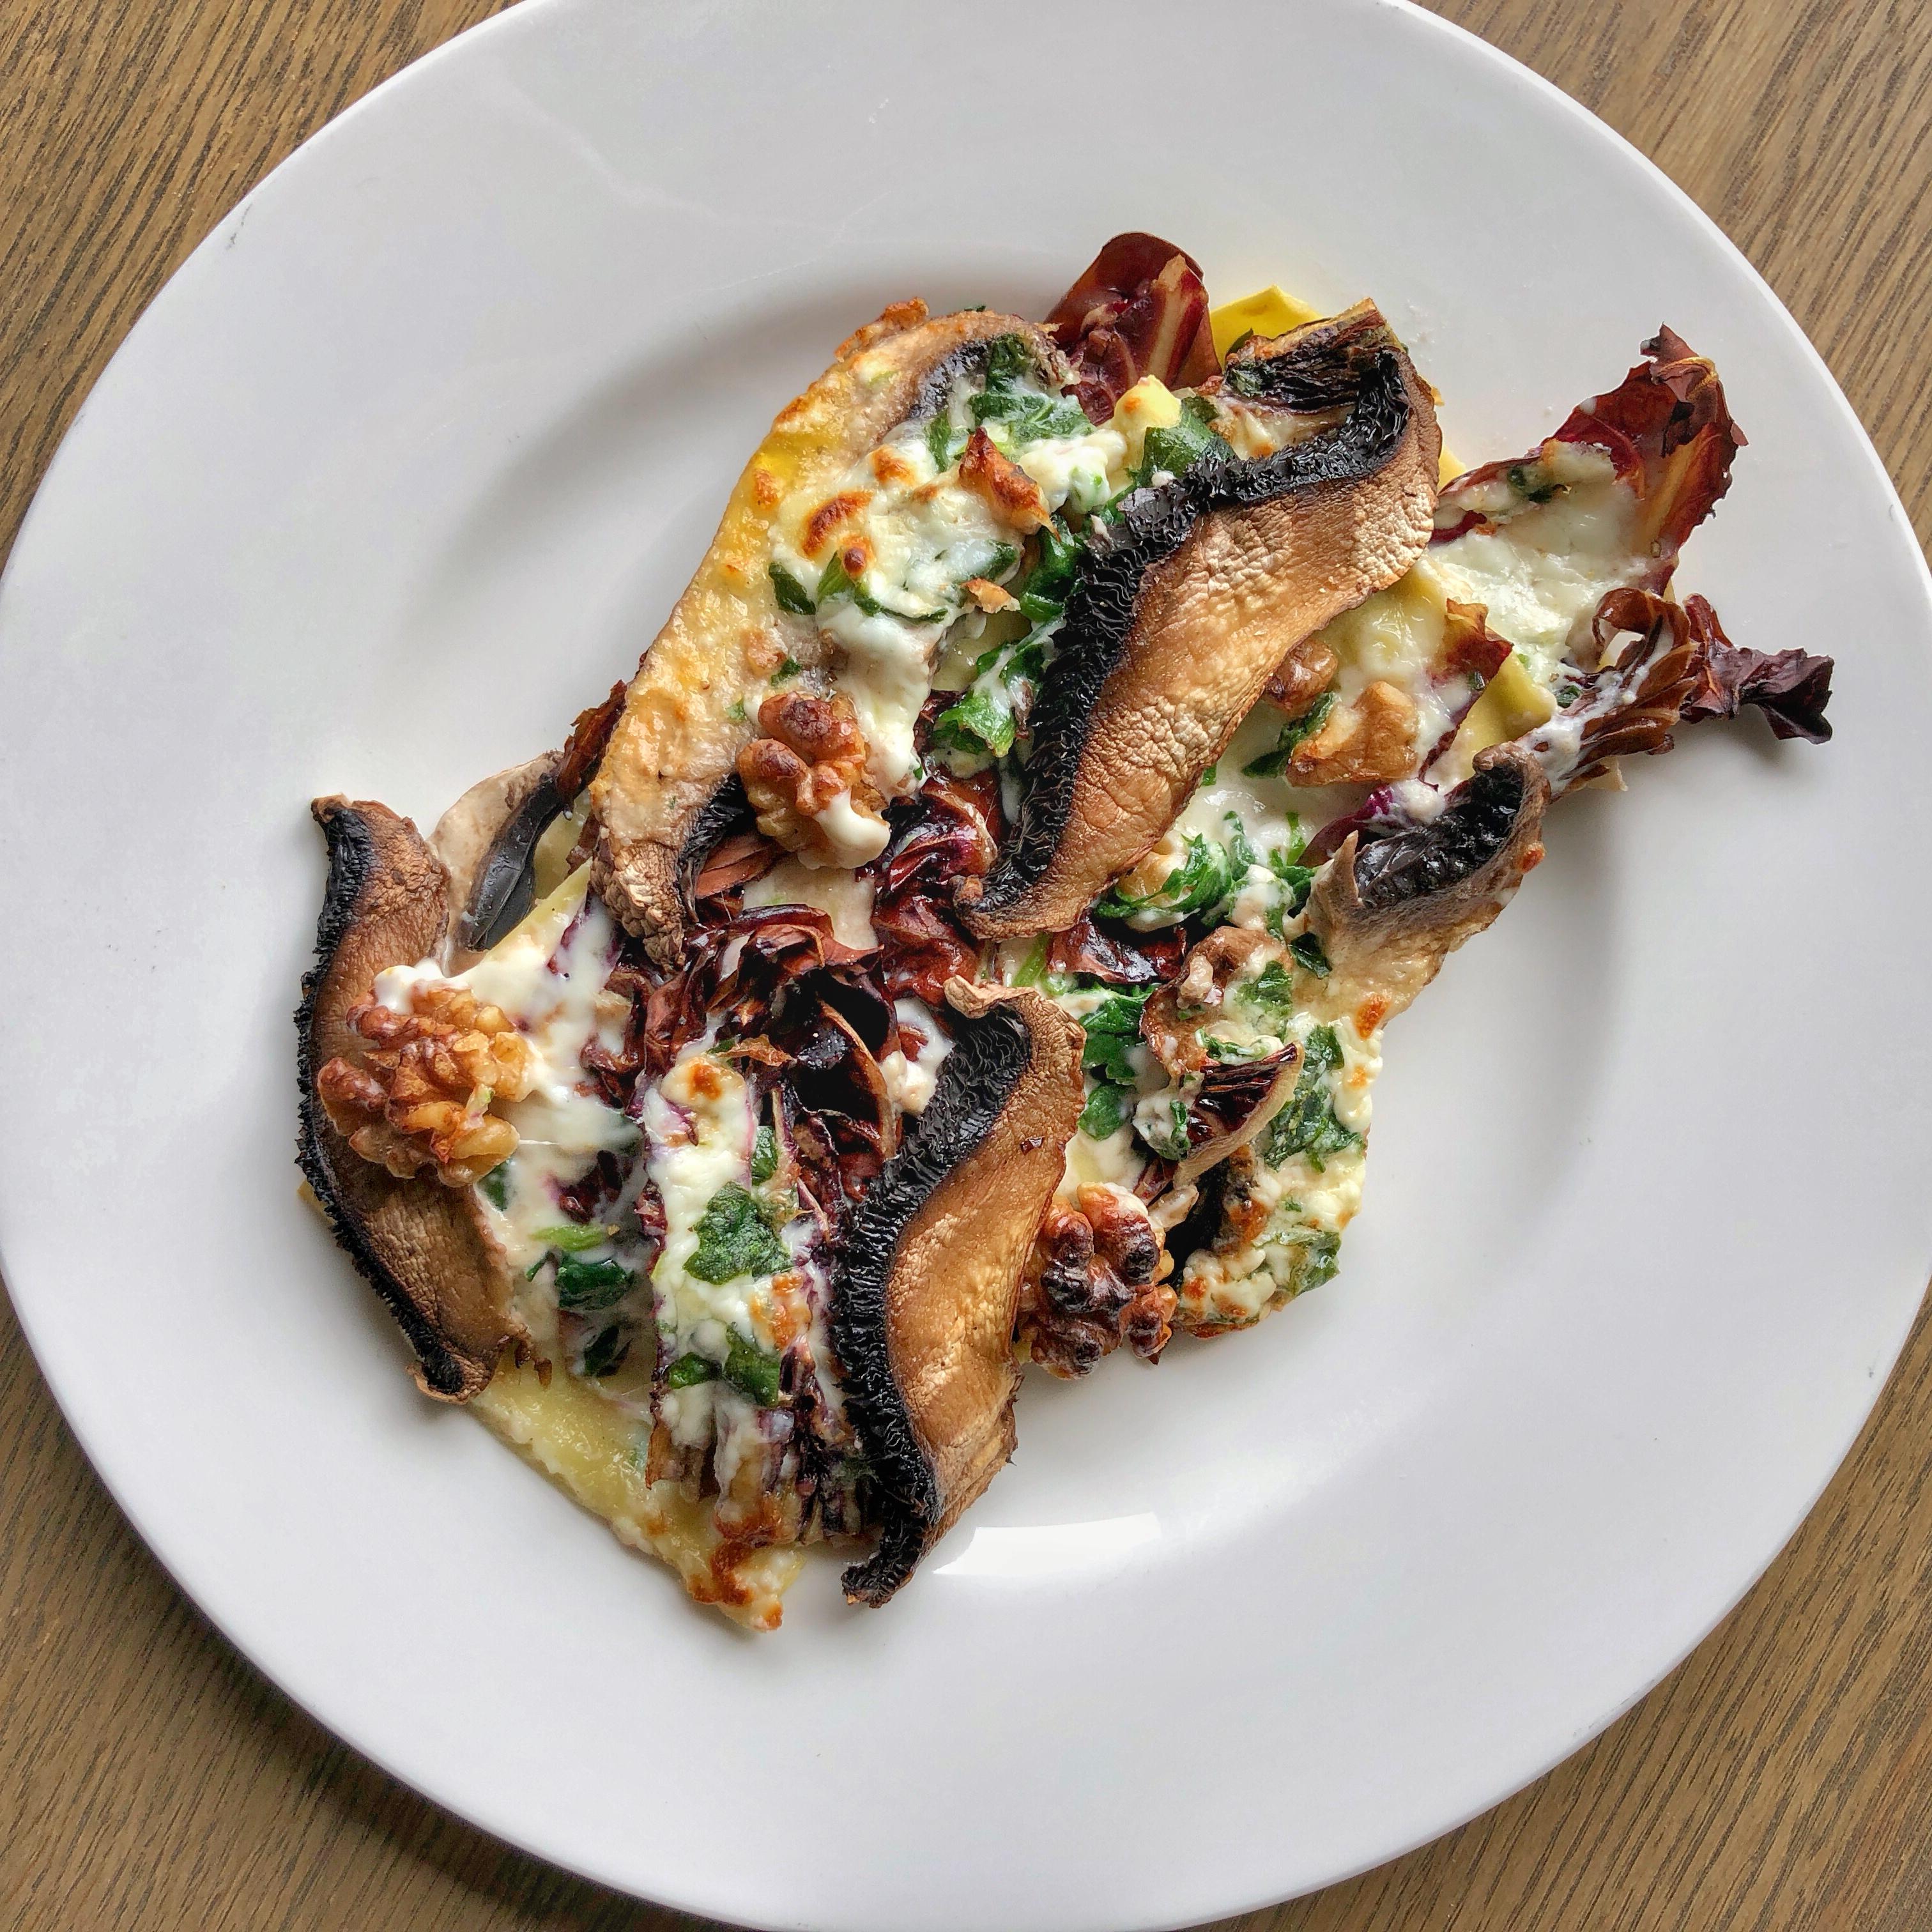 Lasagnetta ai funghi, noci, radicchio, e spinaci, gratinata con lo stracchino